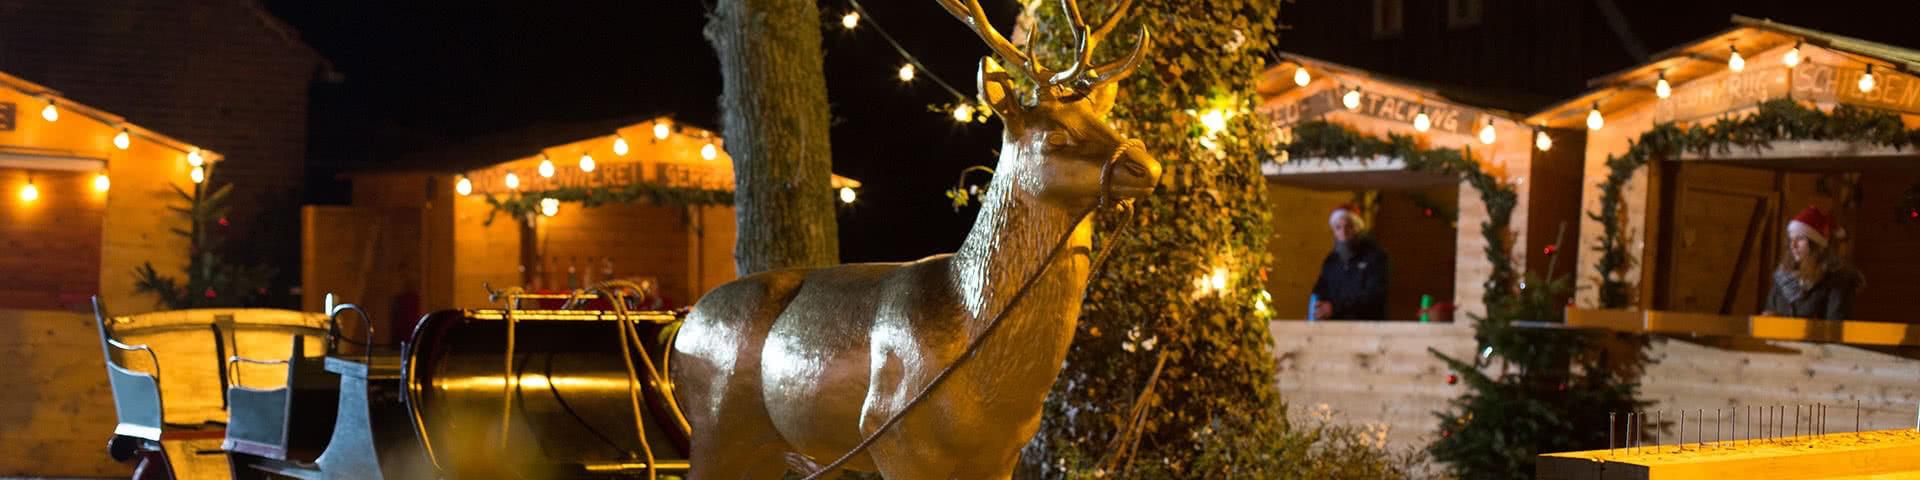 Goldener Hirsch an Schlitten gespannt auf dem Weihnachtsmarkt Beverland